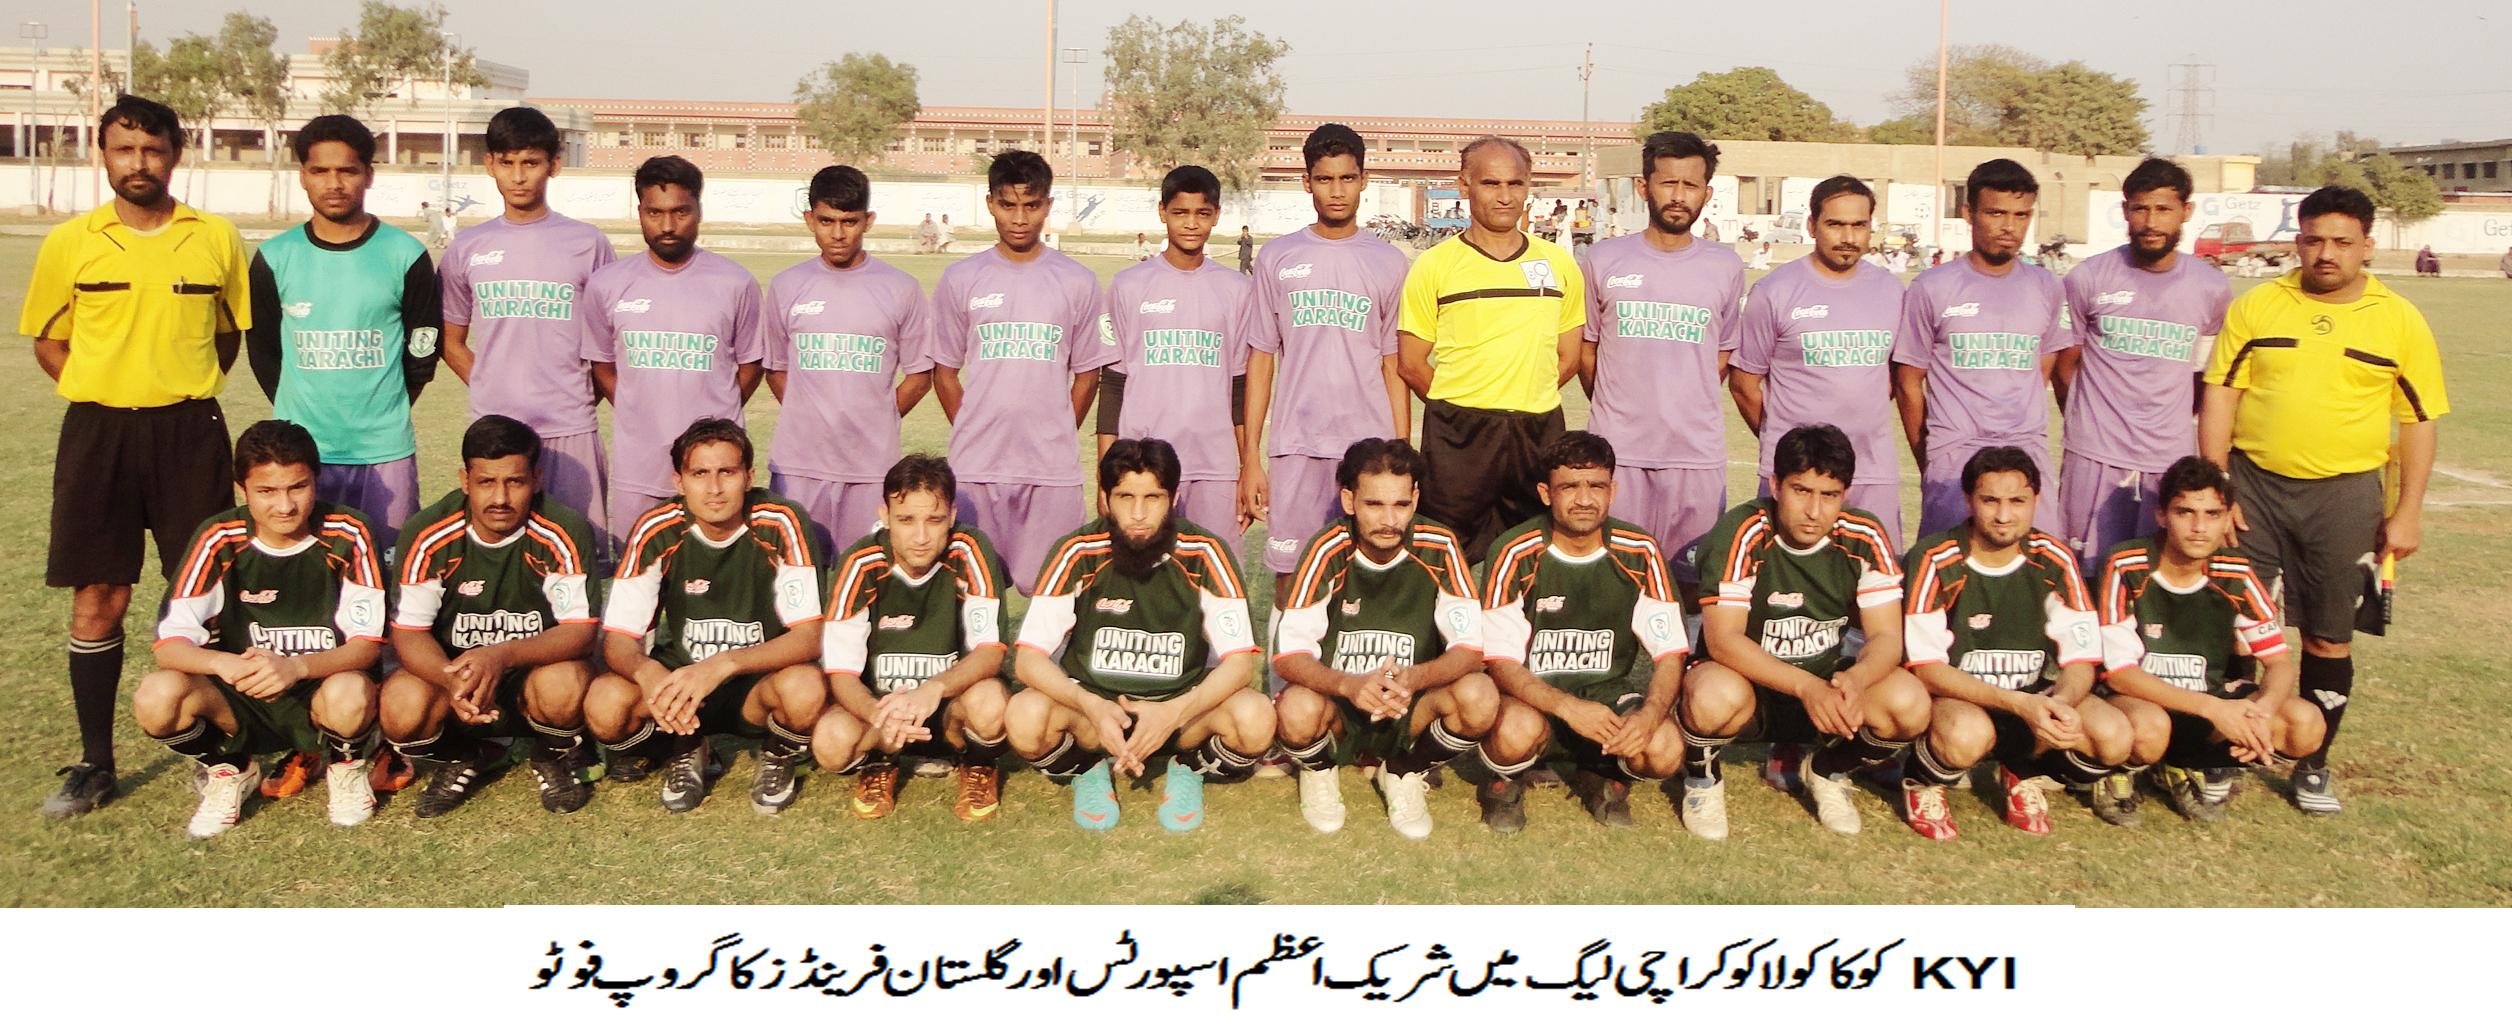 Karachi Football League Update-07.03.14